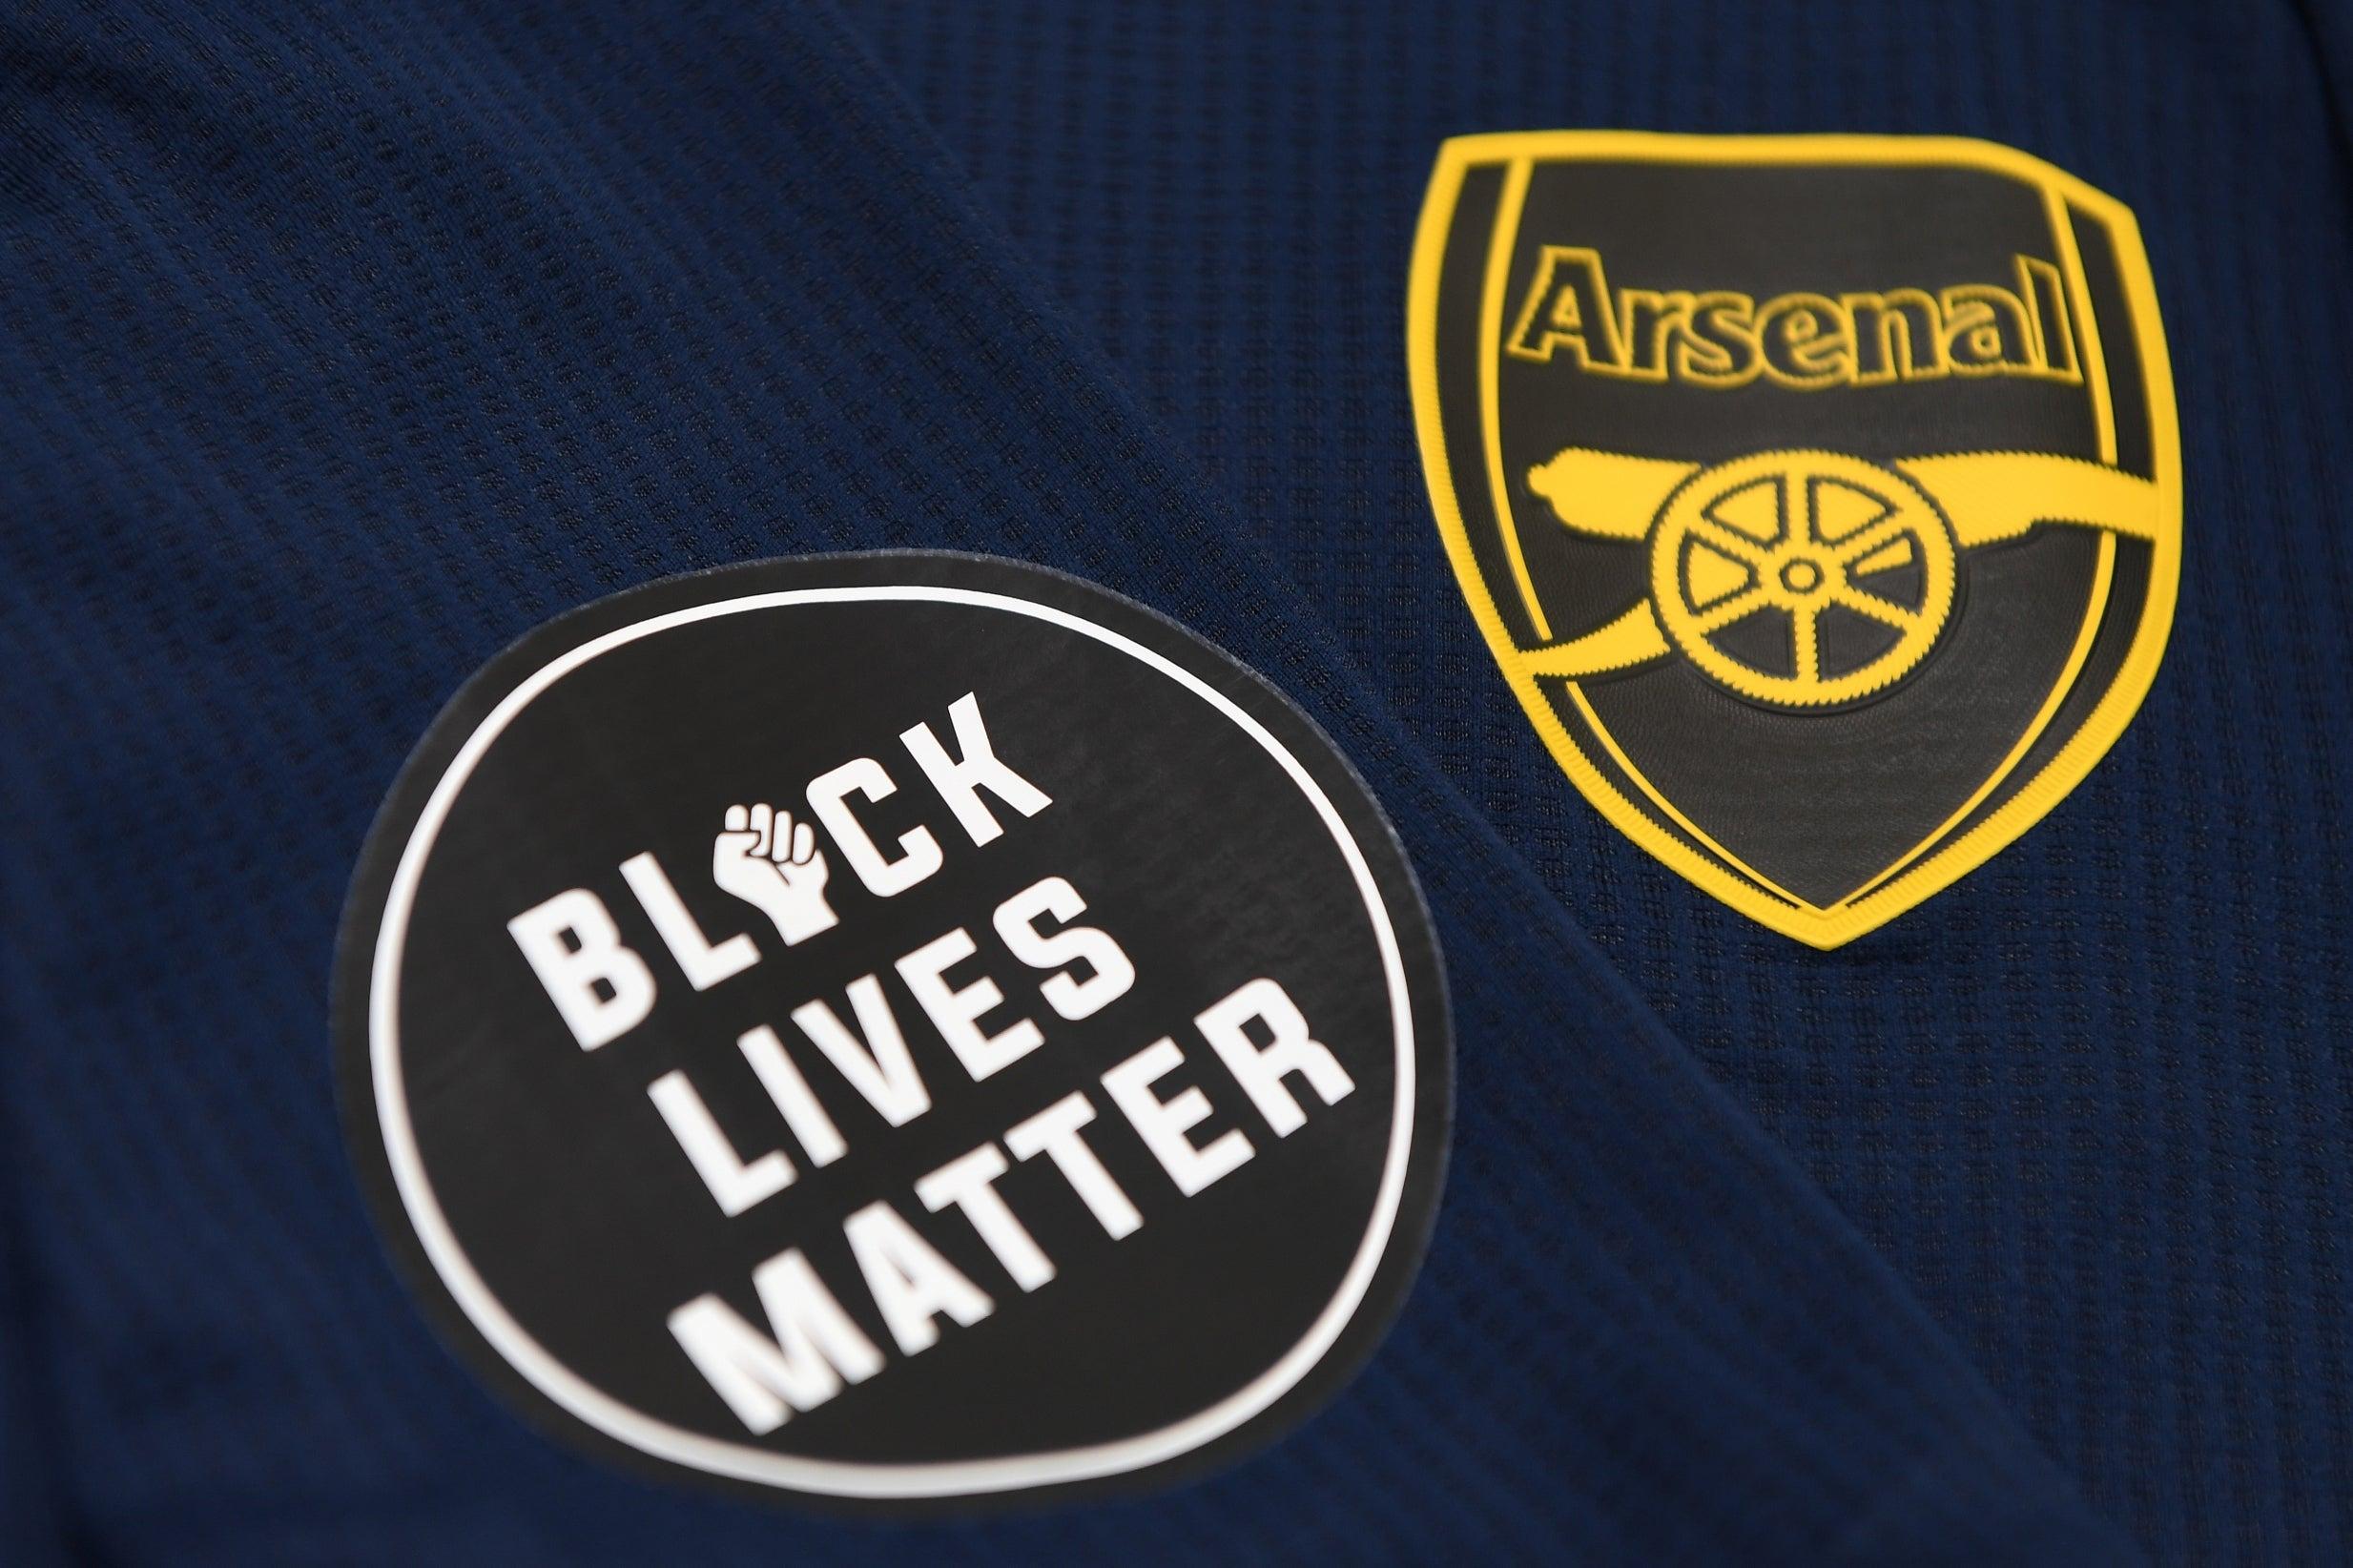 ArsenalNHSBLMkit-4